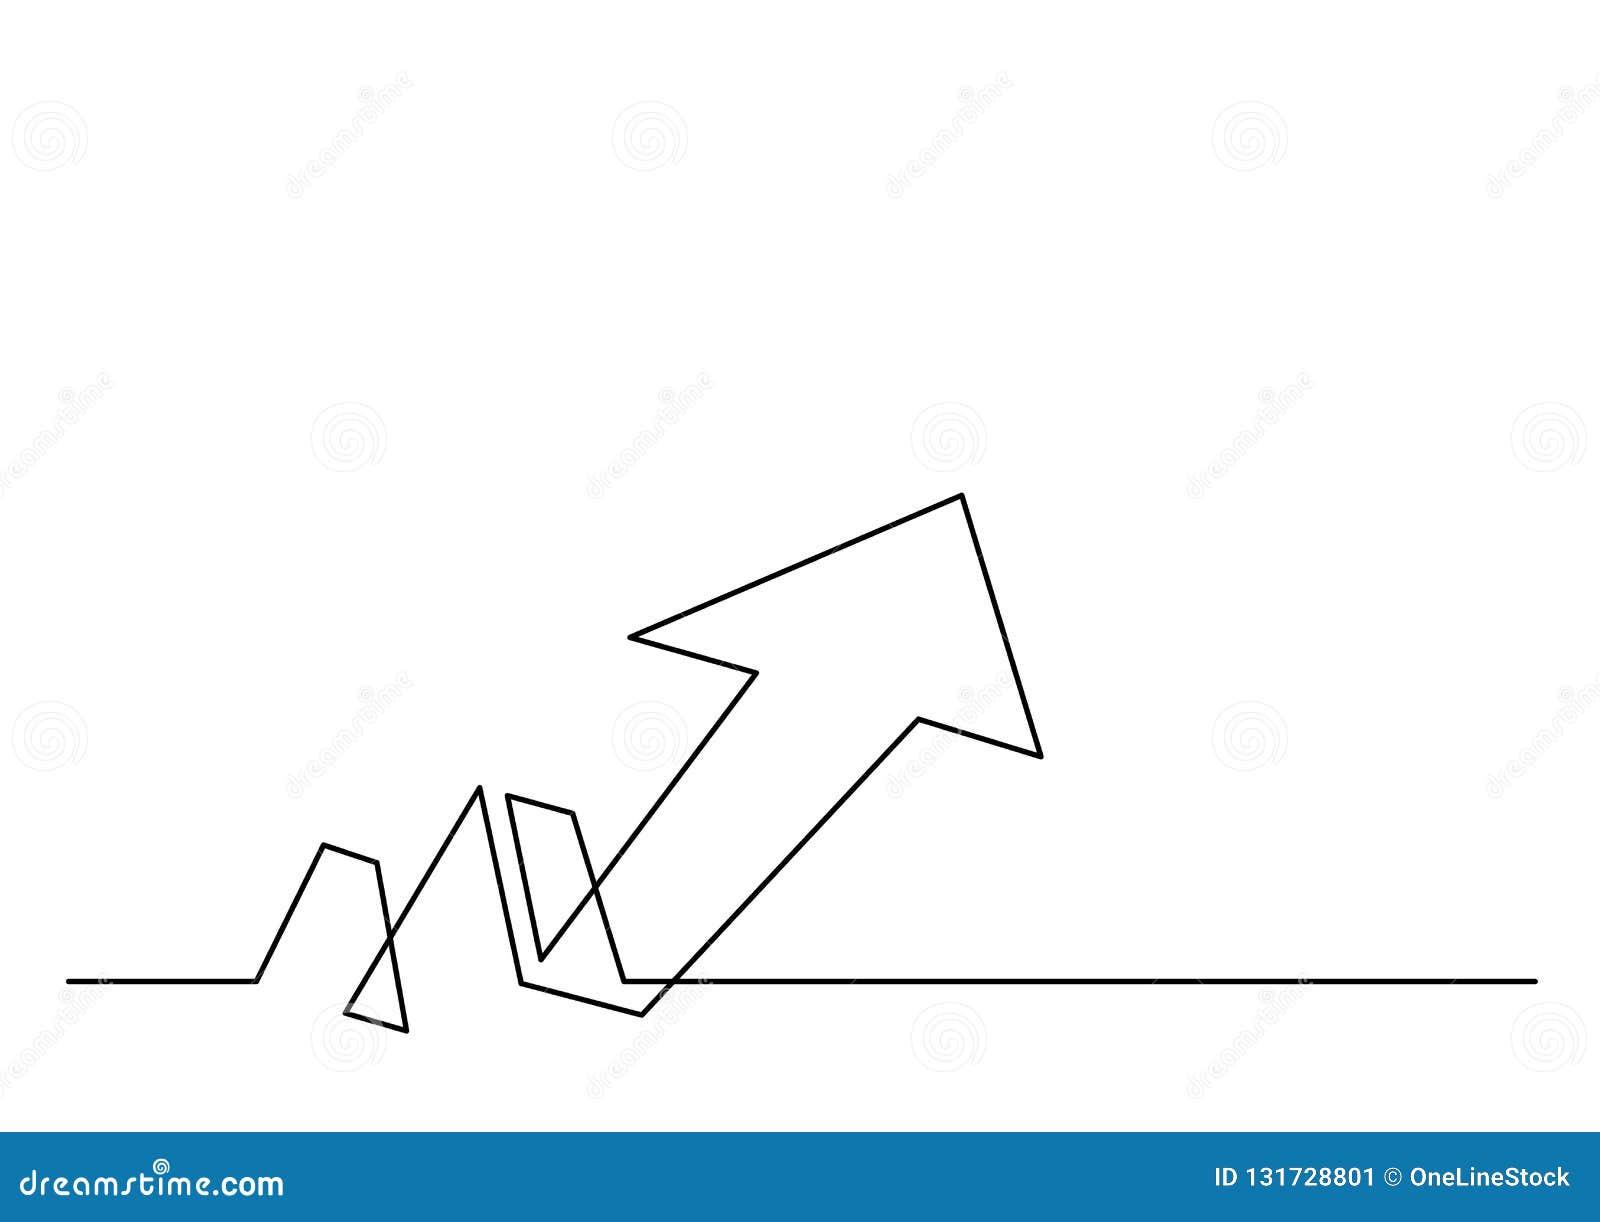 Непрерывная линия чертеж стрелки роста